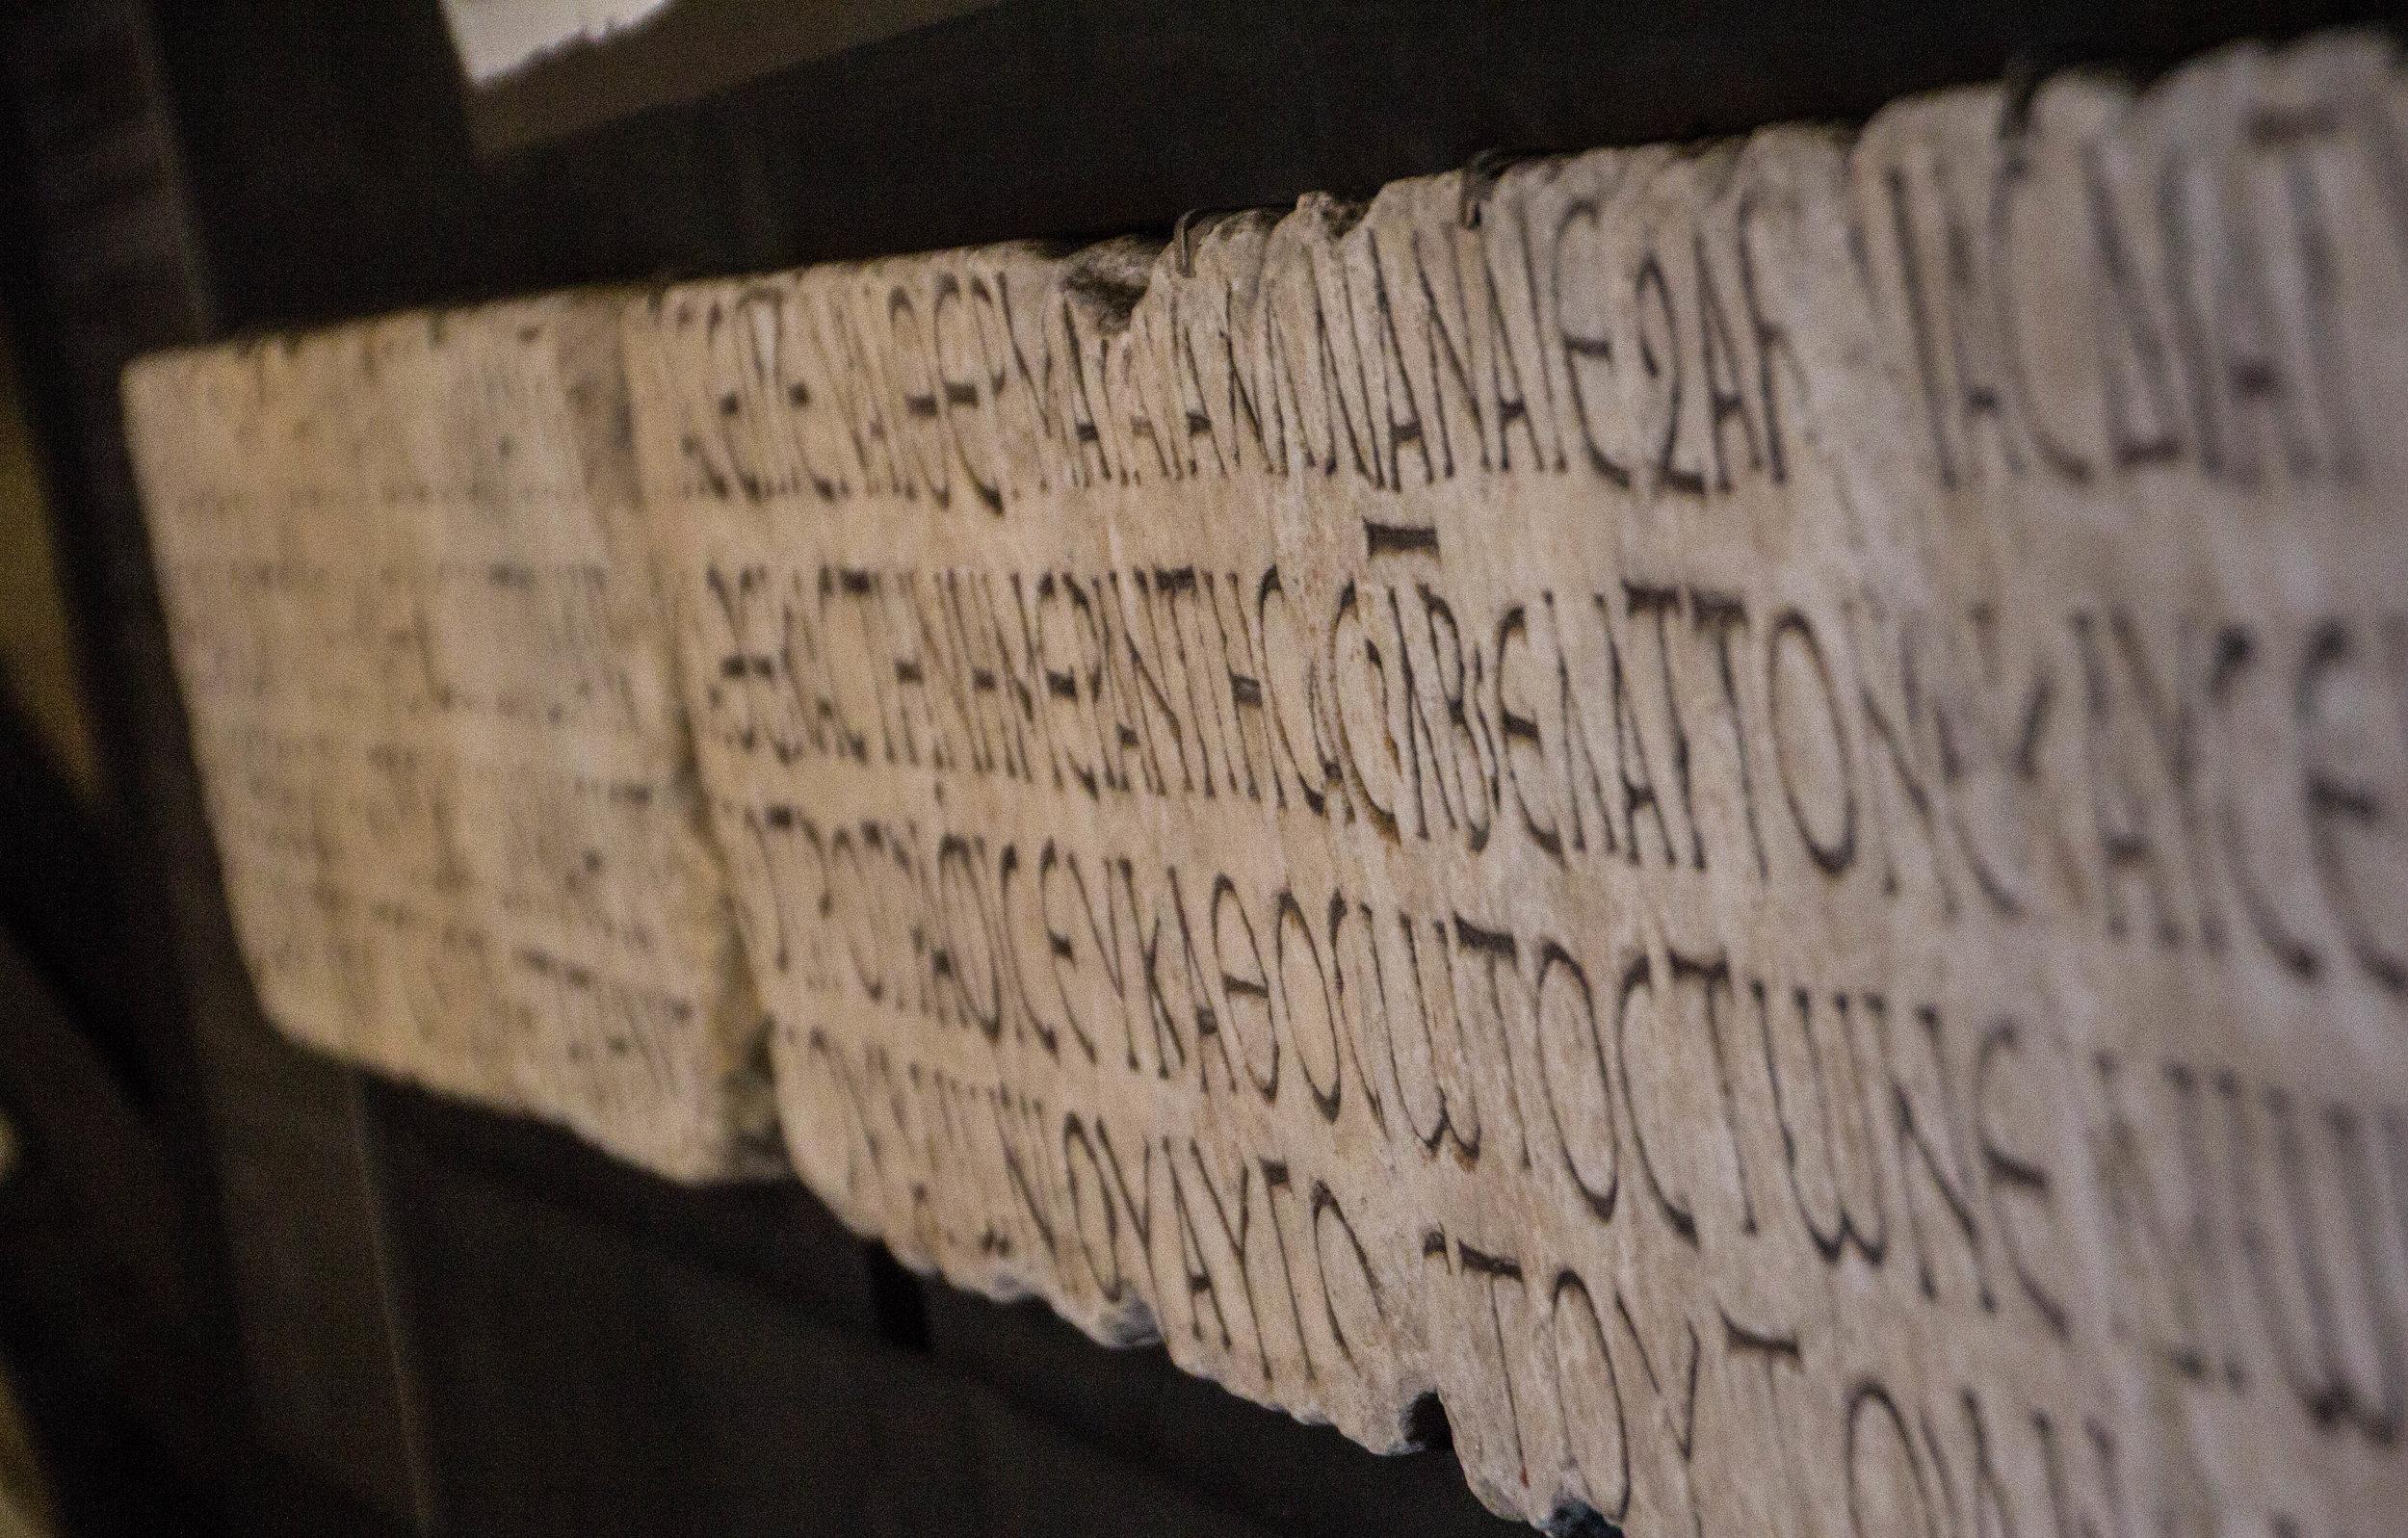 museo-civico-castello-ursino-catania-sicily-6.jpg